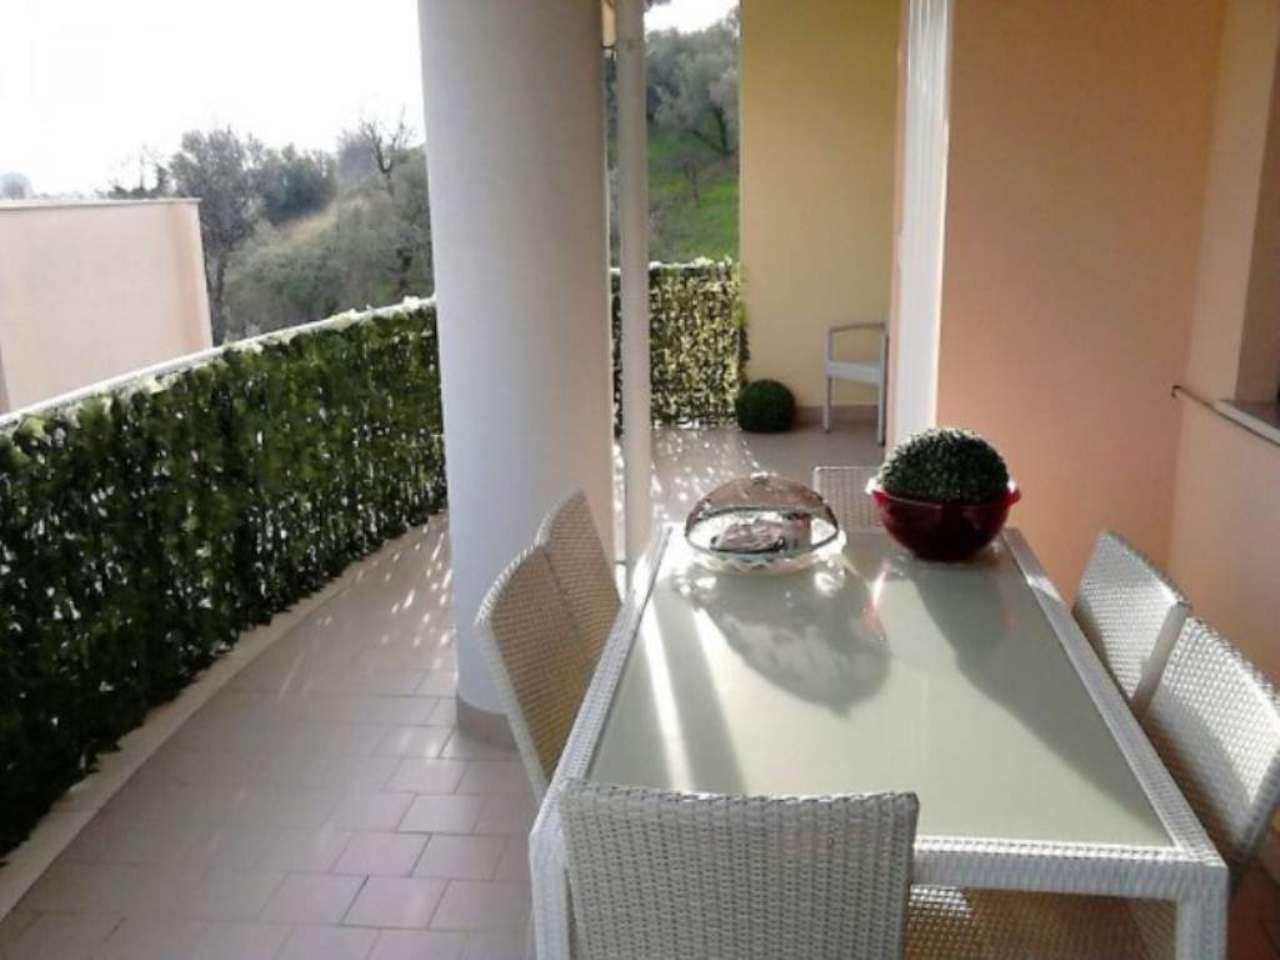 Attico / Mansarda in vendita a Montesilvano, 6 locali, prezzo € 215.000 | Cambio Casa.it